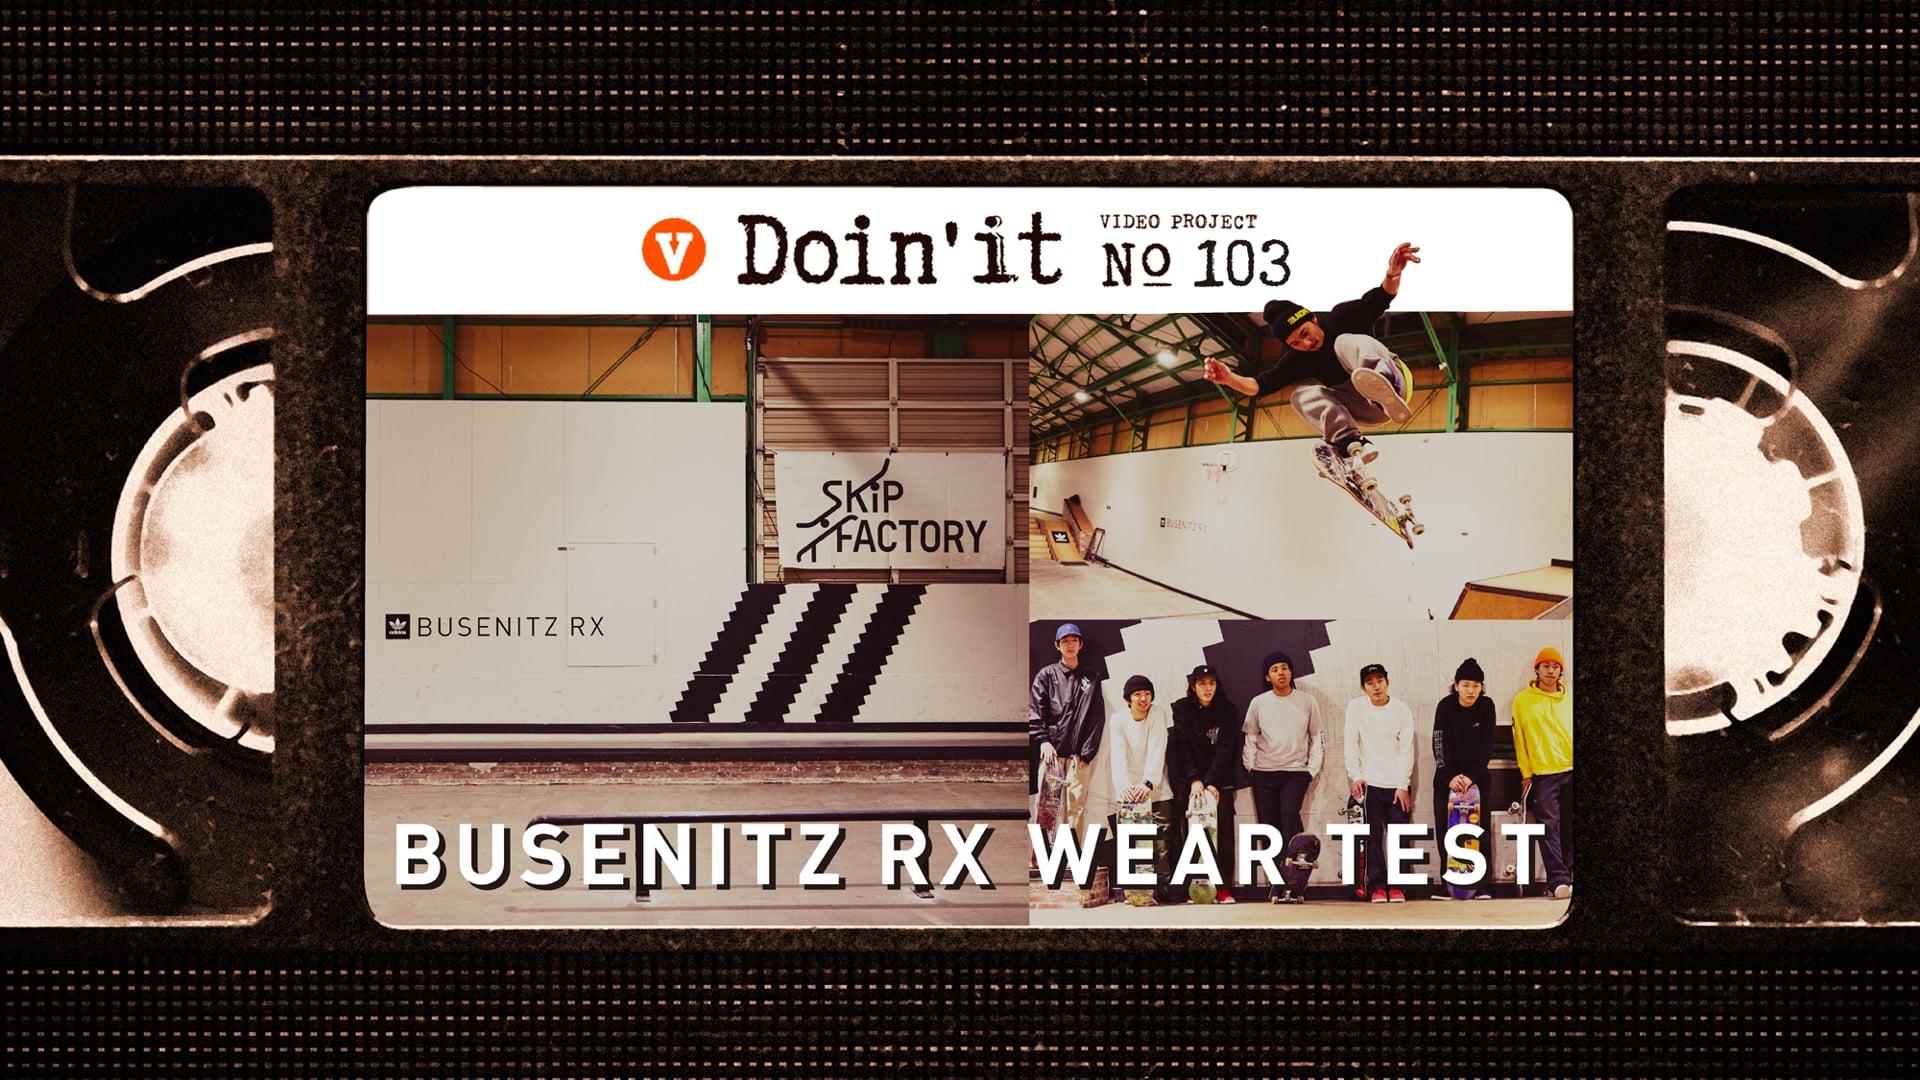 [DOIN' IT] BUSENITZ RX WEAR TEST